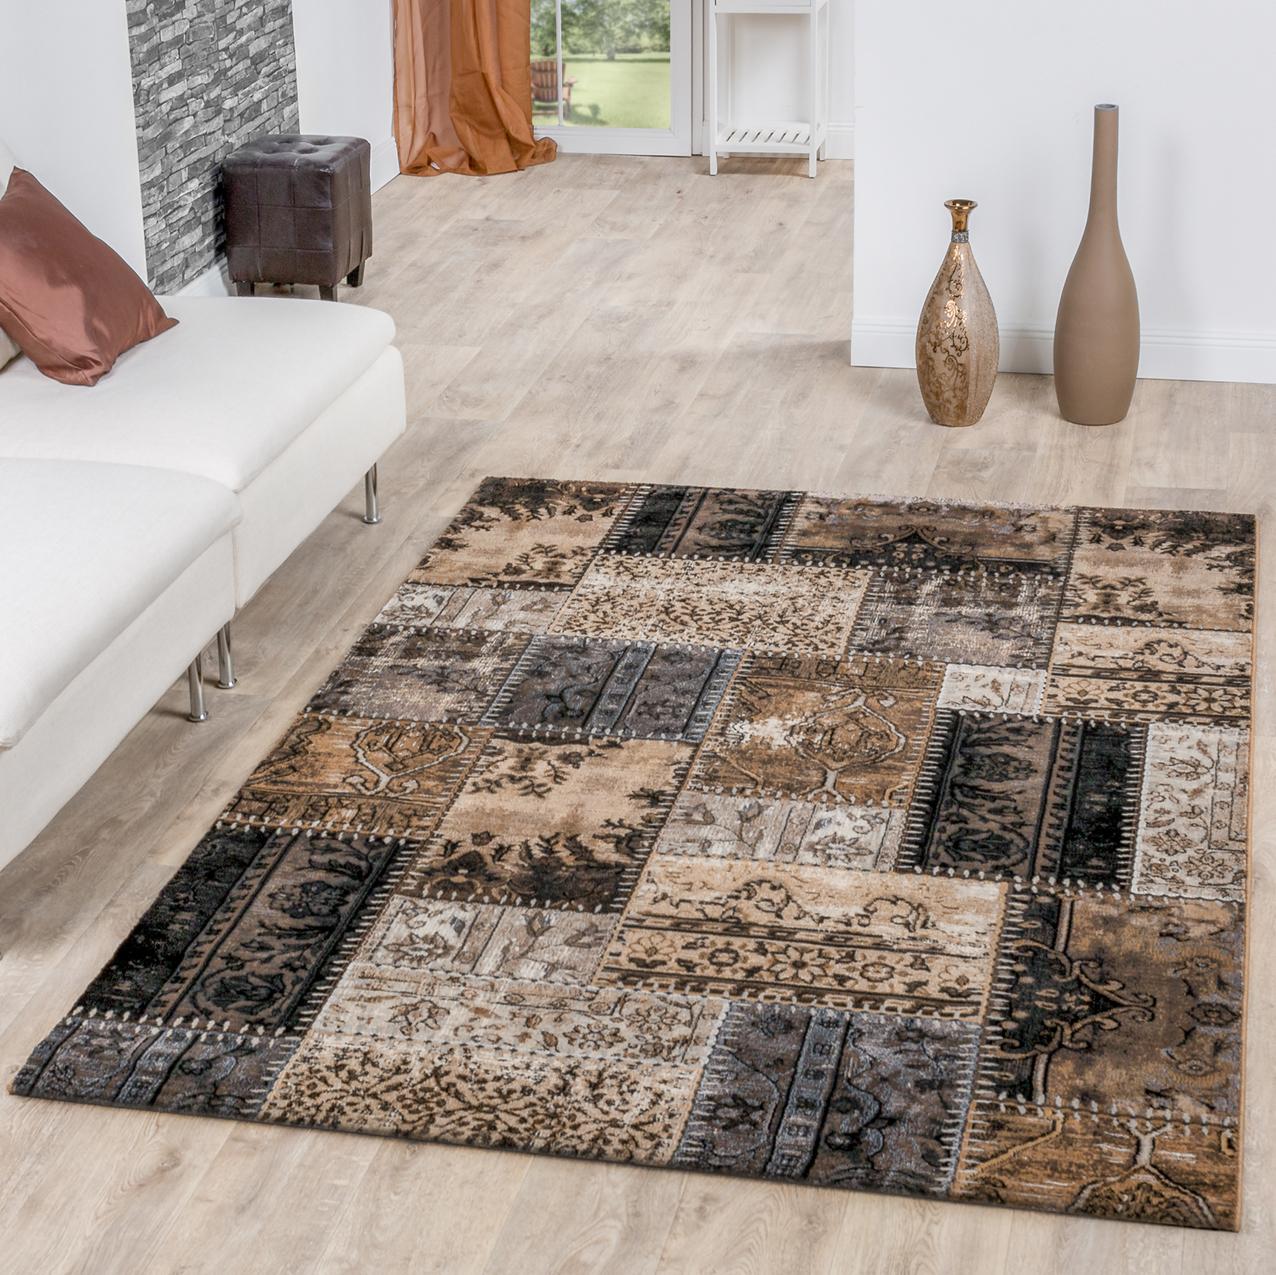 Moderner Teppich Wohnzimmer Patchwork Design Ornamente Meliert In